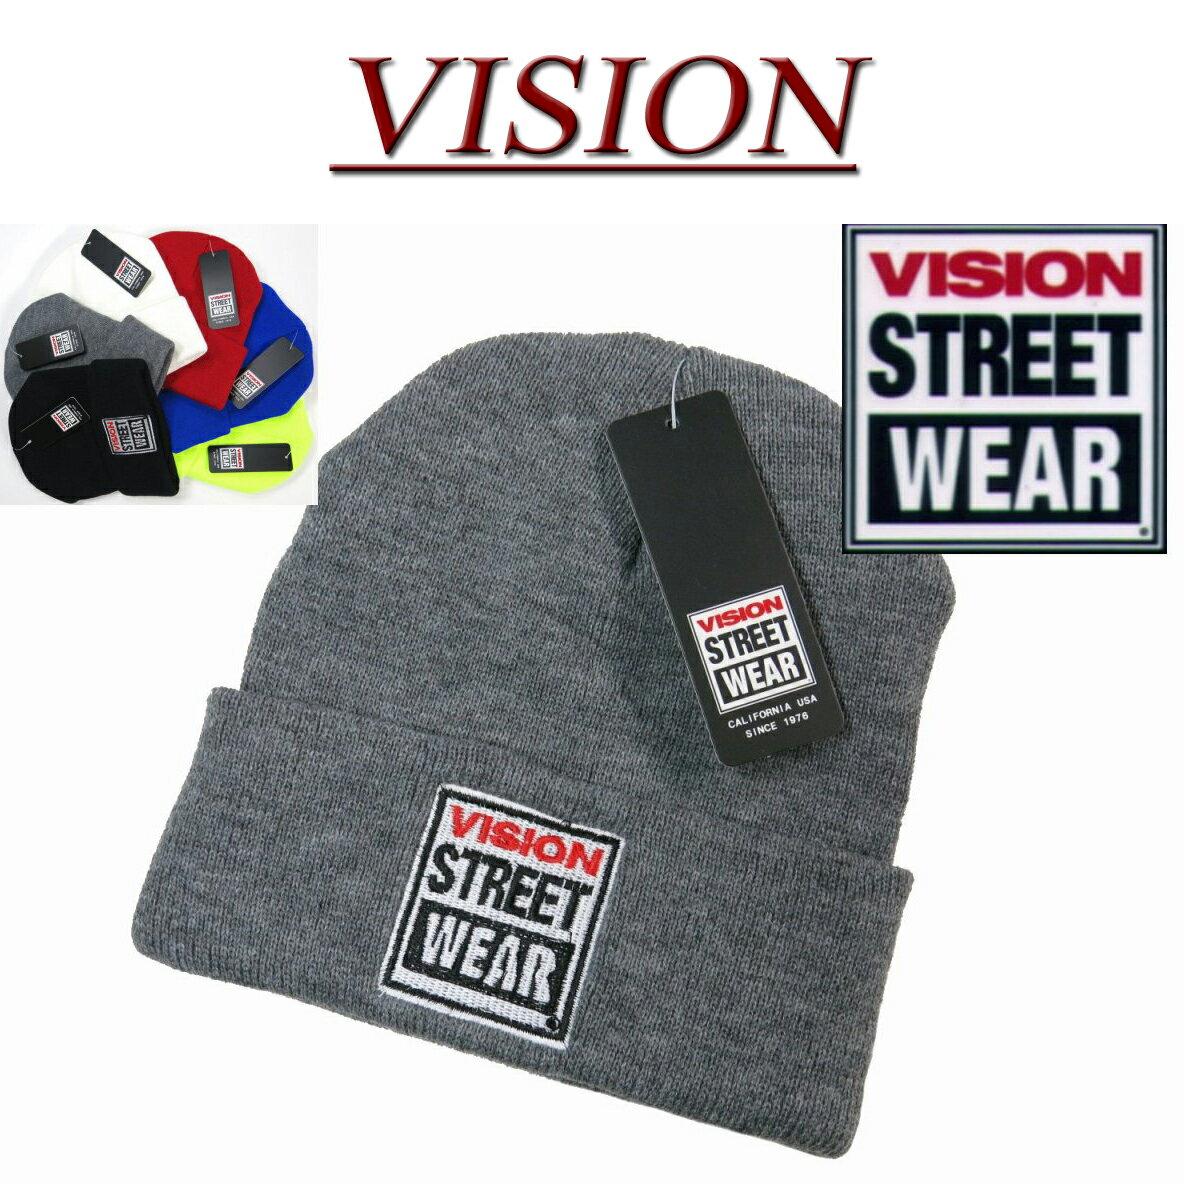 【6色】 nx702 新品 VISION STREET WEAR ワッペン付 ビーニー ニットキャップ 4410008 メンズ BEANIE KNIT CAP ヴィジョン ストリートウェア ビジョン ロゴ 無地 ニット帽子 アメカジ